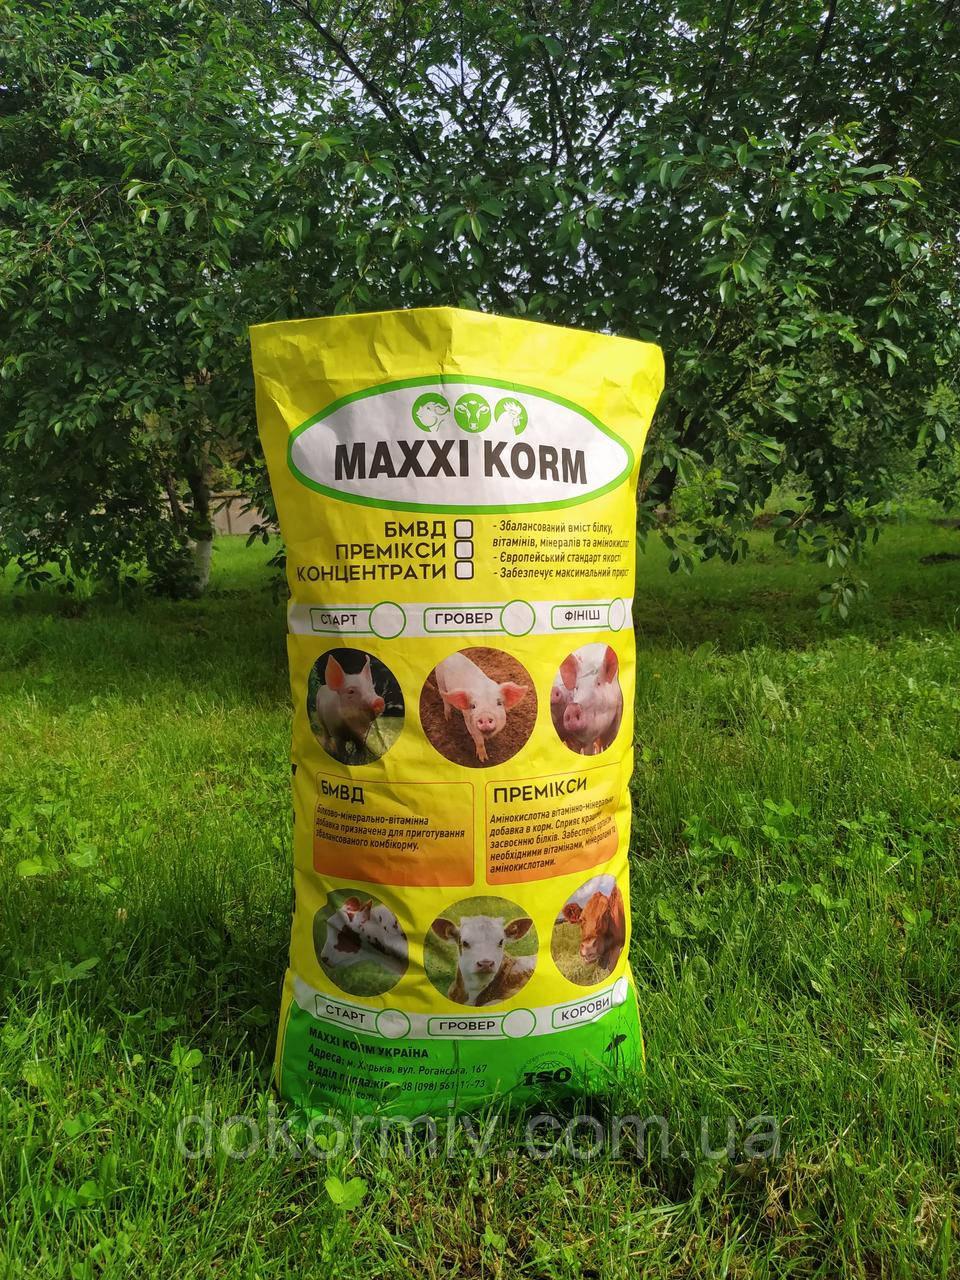 БМВД MAXXI KORM 20% для лактуючих корів